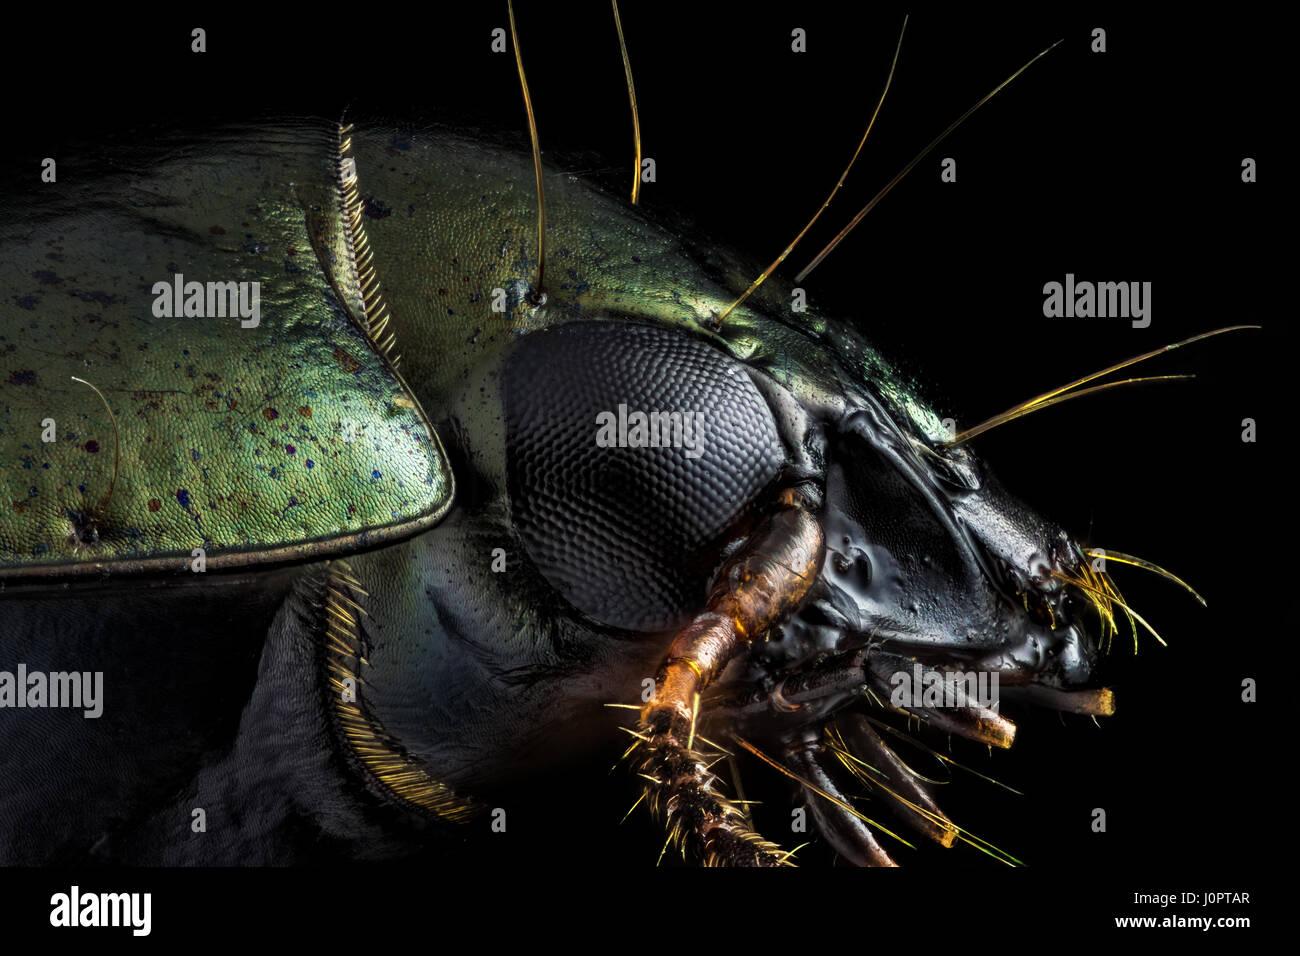 Macro extrema - Perfil retrato de un escarabajo verde fotografiado a través de un microscopio en x10 Ampliación. Imagen De Stock